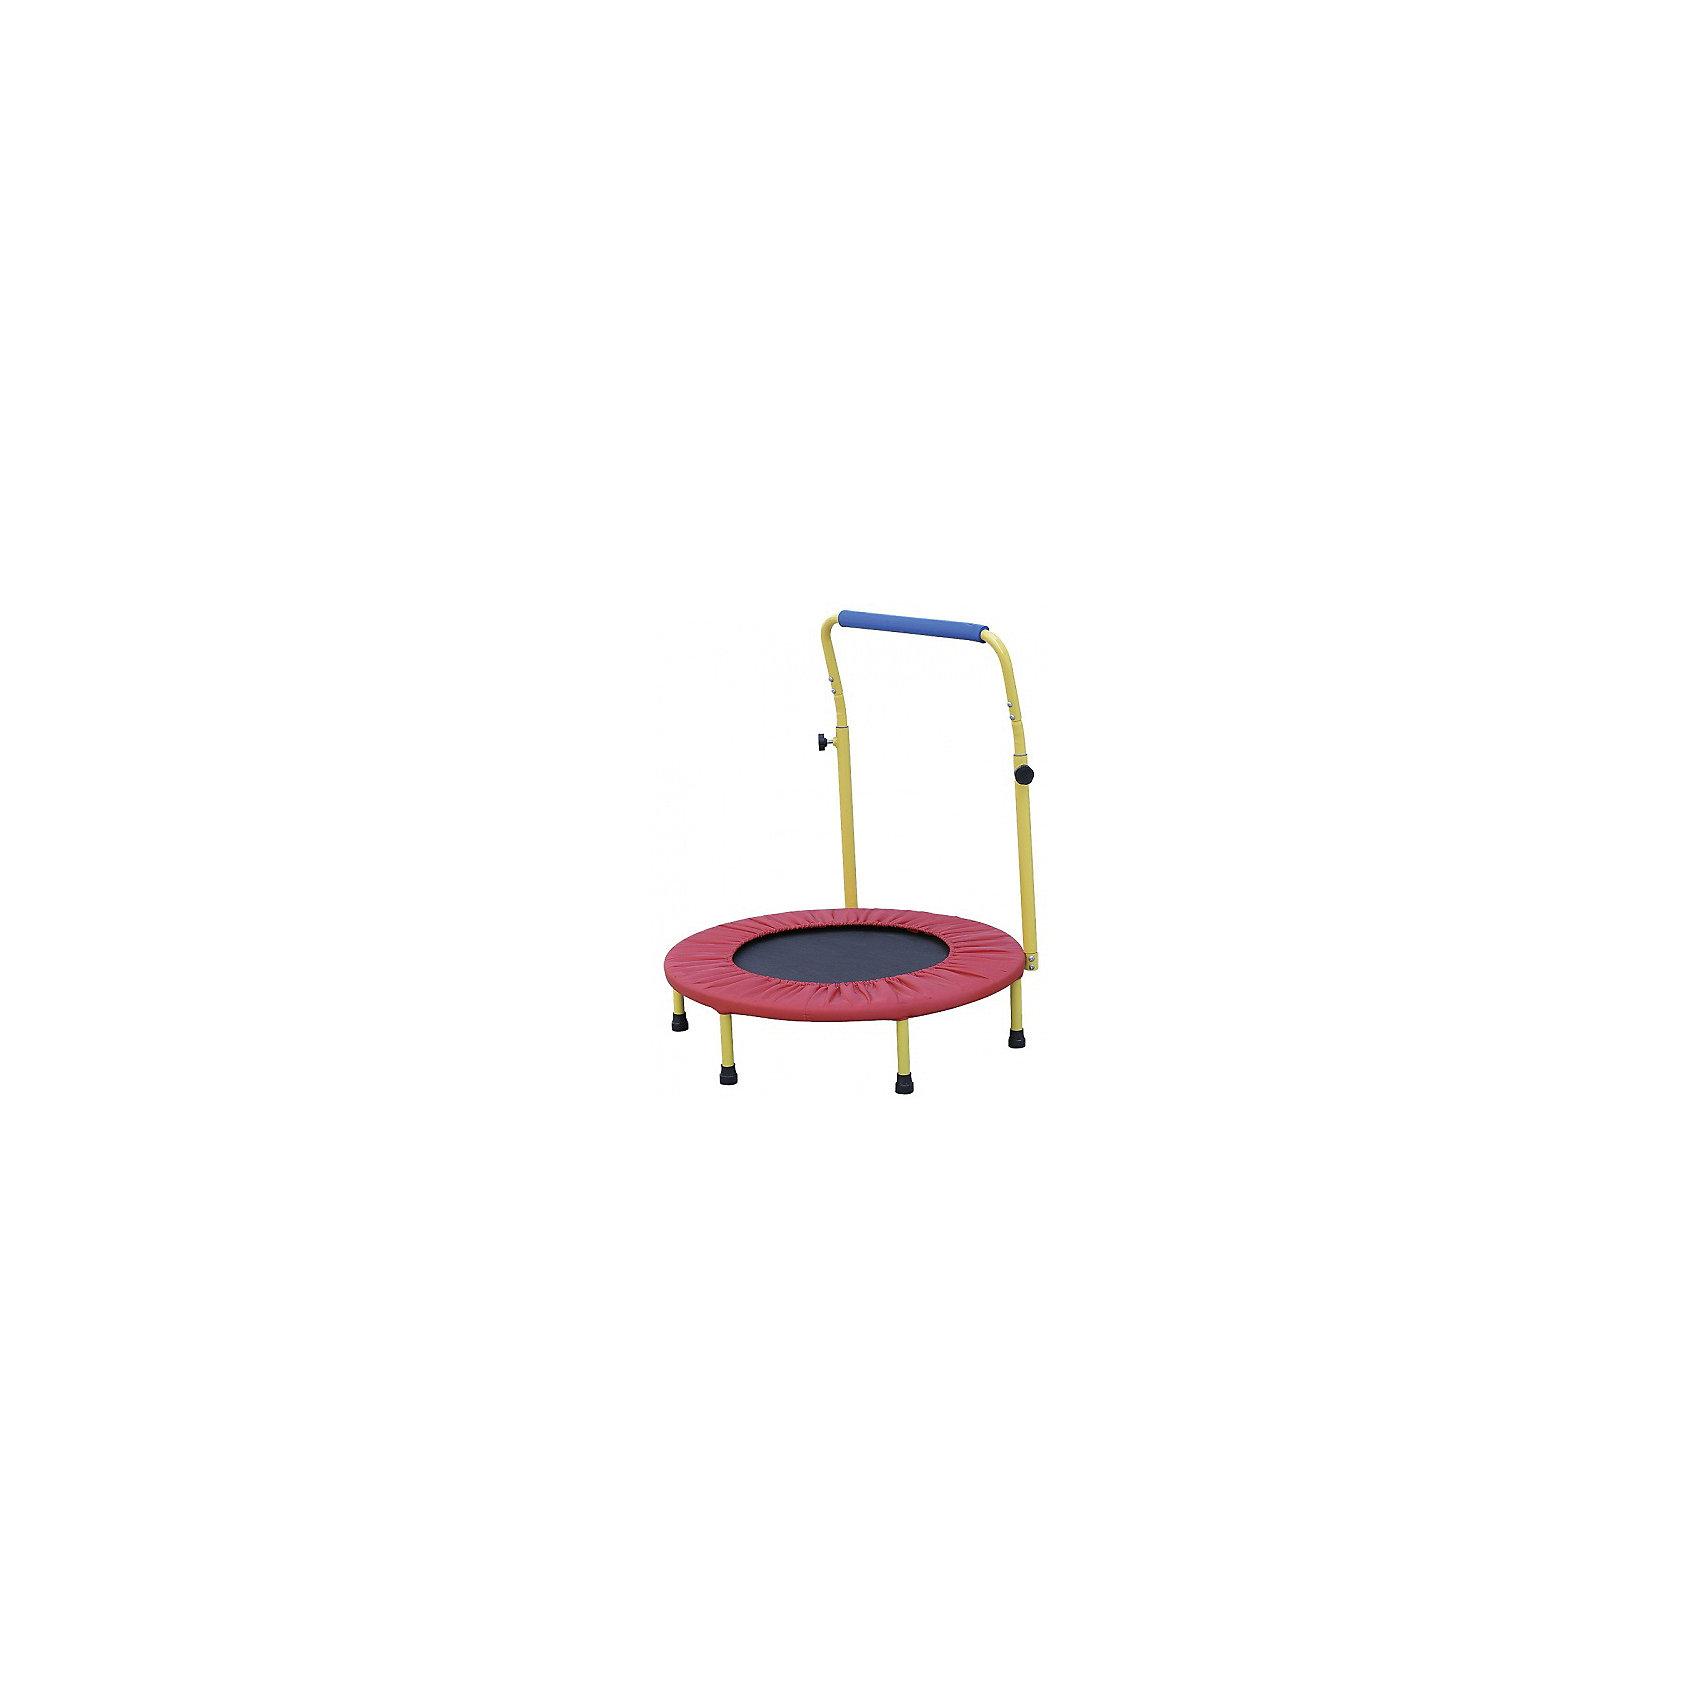 """Батут (36) складной с ручкой , Z-SportsБатуты<br>Батут - это идеальный тренажер для всей семьи. Батут развивает координацию движений, вестибулярный аппарат, многие группы мышц, весёлая профилактика и лечение плоскостопия и сколиозов (искривление позвоночника).<br>Дети, прыгая на батуте, развивают координацию движений, тренируют вестибулярный аппарат. По сравнению с бегом трусцой Вы получаете значительно меньшую ударную нагрузку на колени, лодыжки и поясницу Кроме всего прочего, прыжки на батуте это удовольствие и гарантированное прекрасное настроение.<br><br>Описание и характеристики:<br><br>Батут подходит для использования дома, в спортивном зале и даже на открытом воздухе.<br>Собирается и разбирается в течение нескольких минут. Складывается вчетверо.<br>При сборке будьте внимательны, берегите Ваши руки.<br>Не привлекайте детей для сборки батута.<br><br>Размер: 36"""" (91,44см)<br>Основная рама: материал - гальванизированная сталь<br>Диаметр трубы - 25мм, толщина стали - 1,2мм<br>Высота: 22,5см (с учетом ручки - 81см)<br>Комплектность: 6 ножек (25*1,5мм), 24 эластичных жгута, ручка, защитный чехол.<br>Материалы подкладки: ткань Oxford (0,15мм), вспененный полипропилен (4,5мм), прозрачная пленка (0,1мм)<br>Вес: 6кг<br>Максимальный вес пользователя: 60кг<br>Цвет: черный/синий<br>Страна-производитель: Китай<br>Упаковка: картонная коробка.<br><br>Упражнения на батуте способствуют:<br><br>- улучшению мышечного тонуса и кровообращения;<br>- укреплению сердечно-сосудистой системы; <br>- развитию координации движений;<br>- тренировке вестибулярного аппарата;<br>- стимуляции дренажа лимфатической системы;<br>- восстановлению после травм суставов.<br><br>Ширина мм: 720<br>Глубина мм: 370<br>Высота мм: 250<br>Вес г: 6000<br>Возраст от месяцев: 36<br>Возраст до месяцев: 192<br>Пол: Унисекс<br>Возраст: Детский<br>SKU: 5056599"""